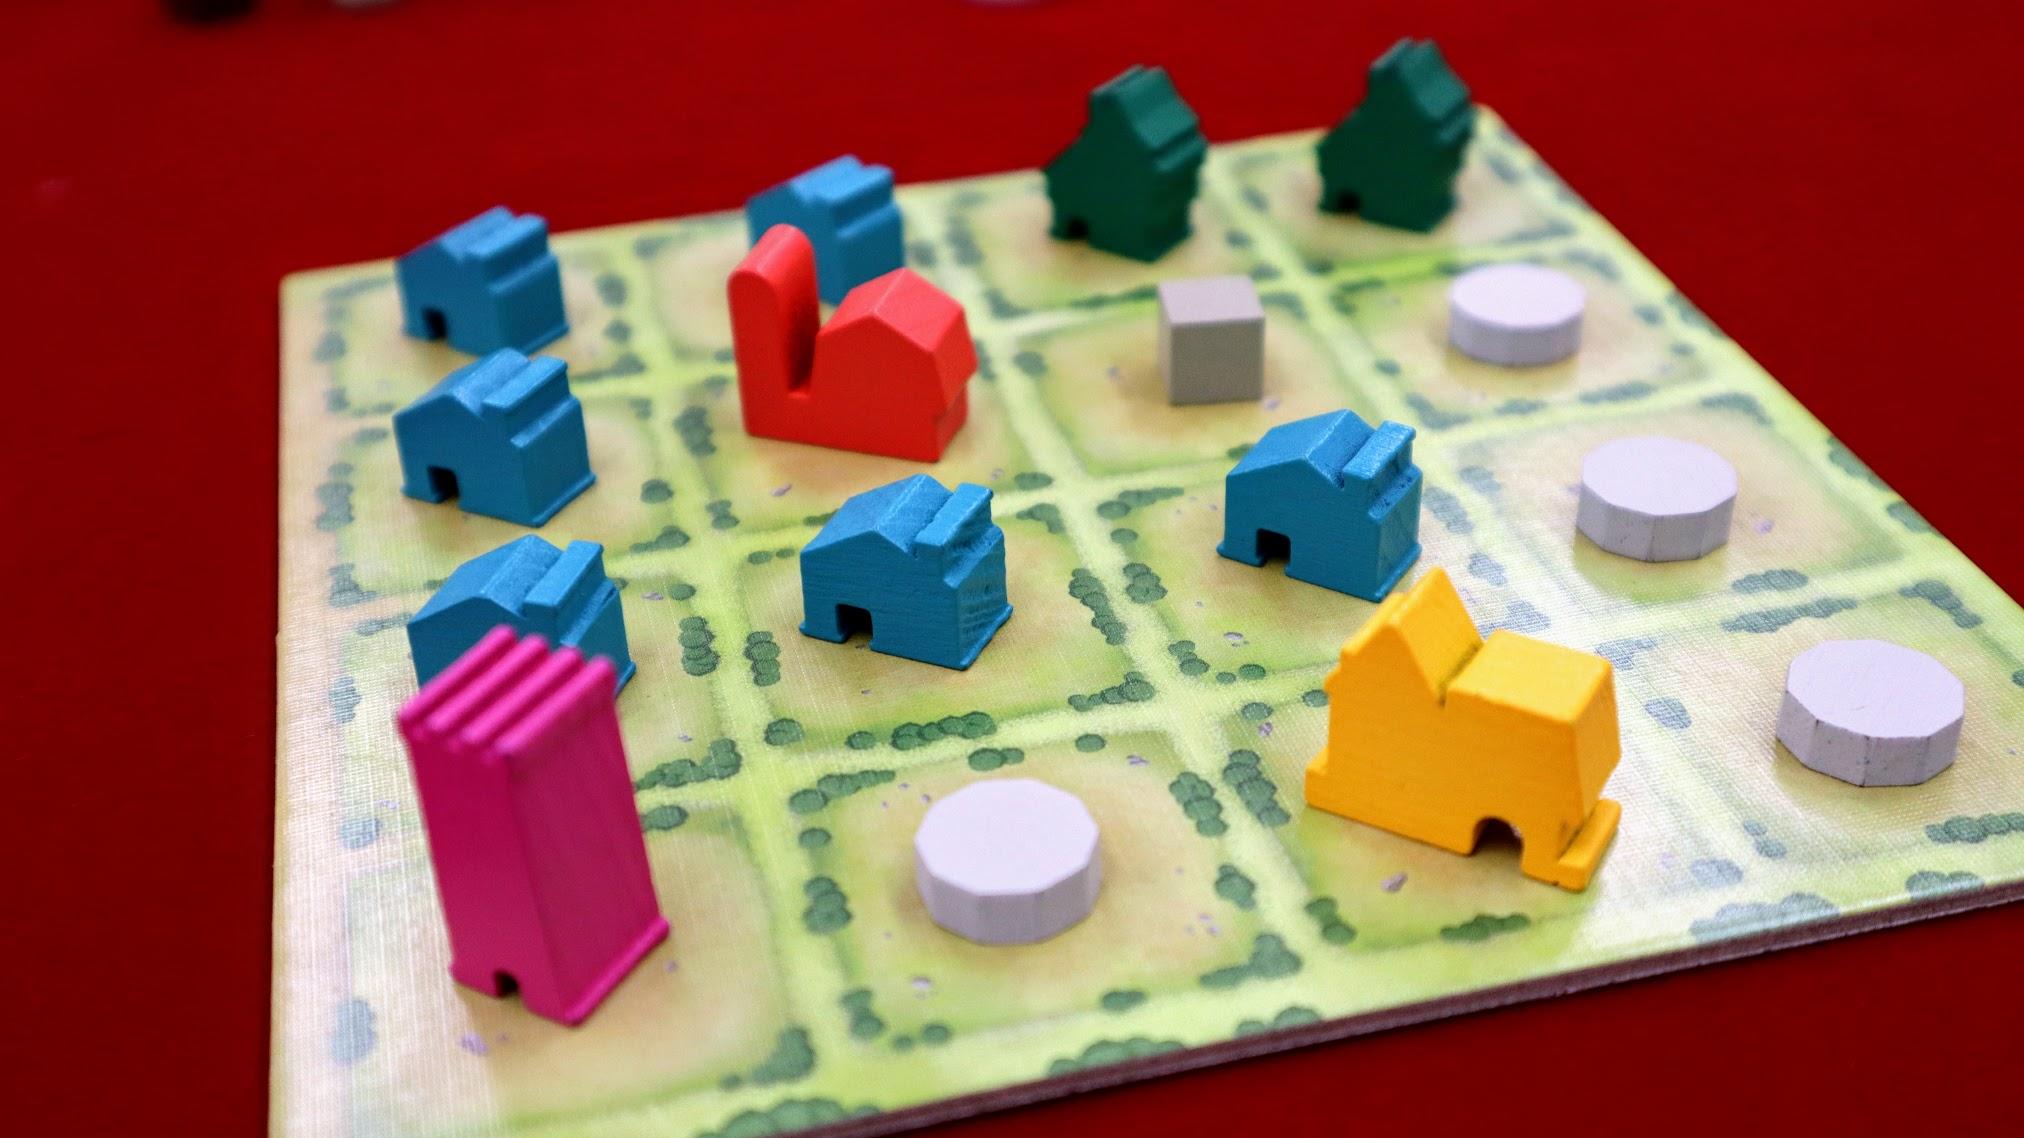 ゲーム終了時の様子|【レビュー】タイニータウン (Tiny Towns)